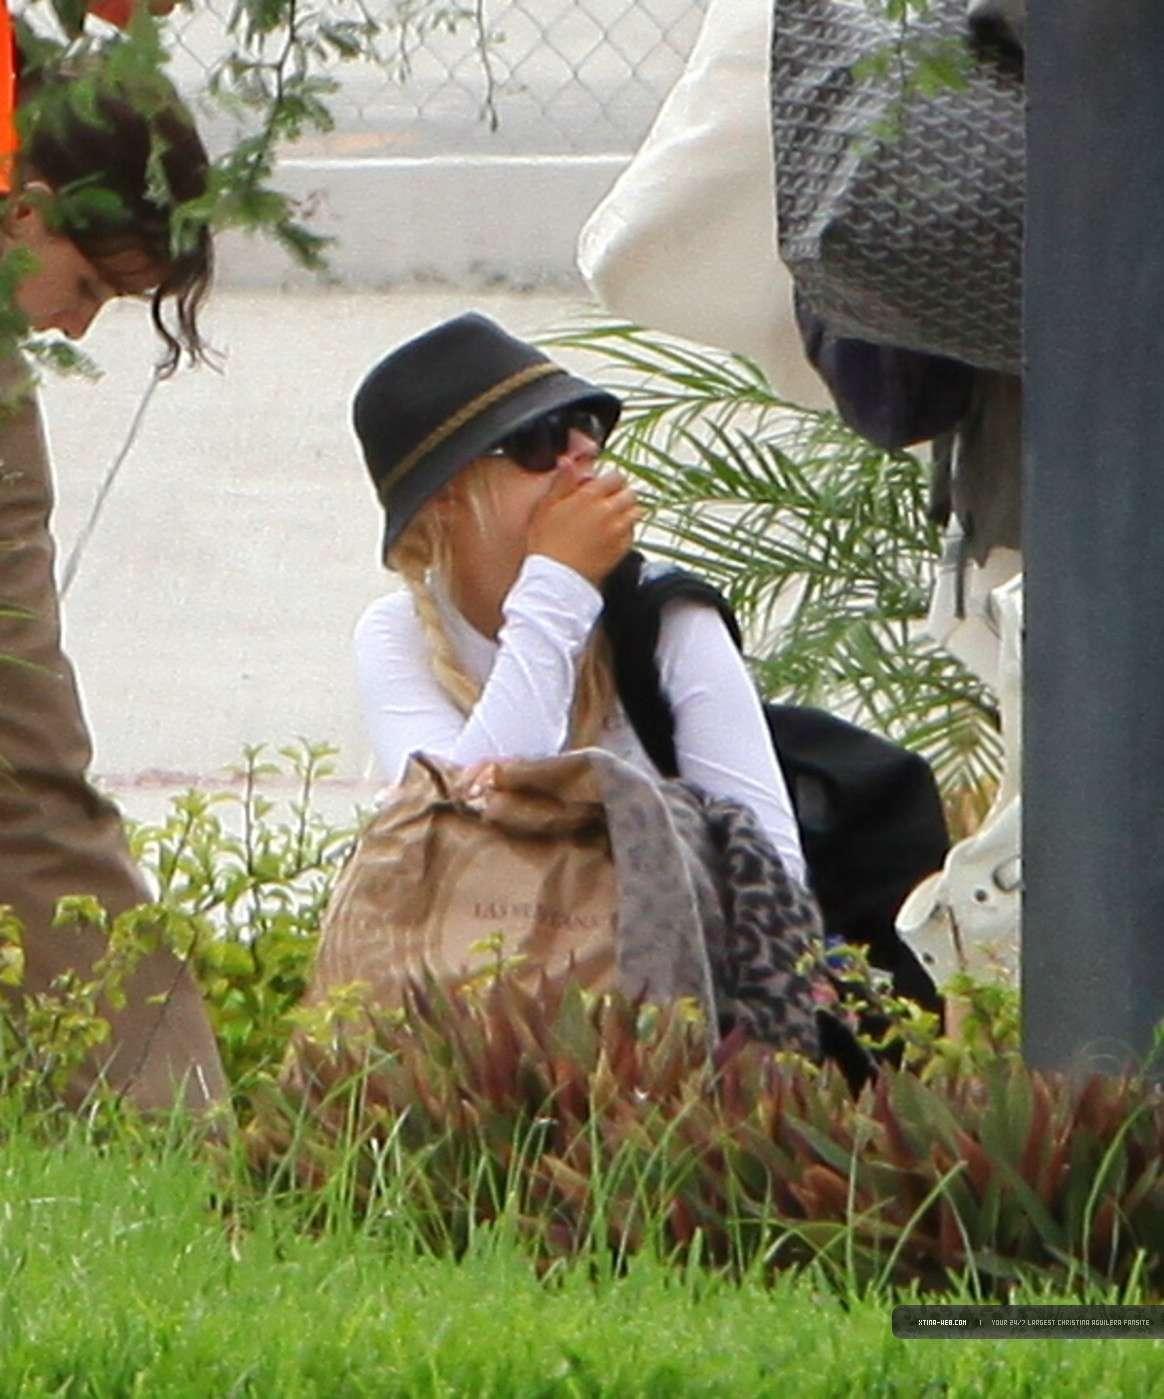 [FOTOS] Nicole Richie con Christina Aguilera en un restaurante en México (19-20-Sep) 04